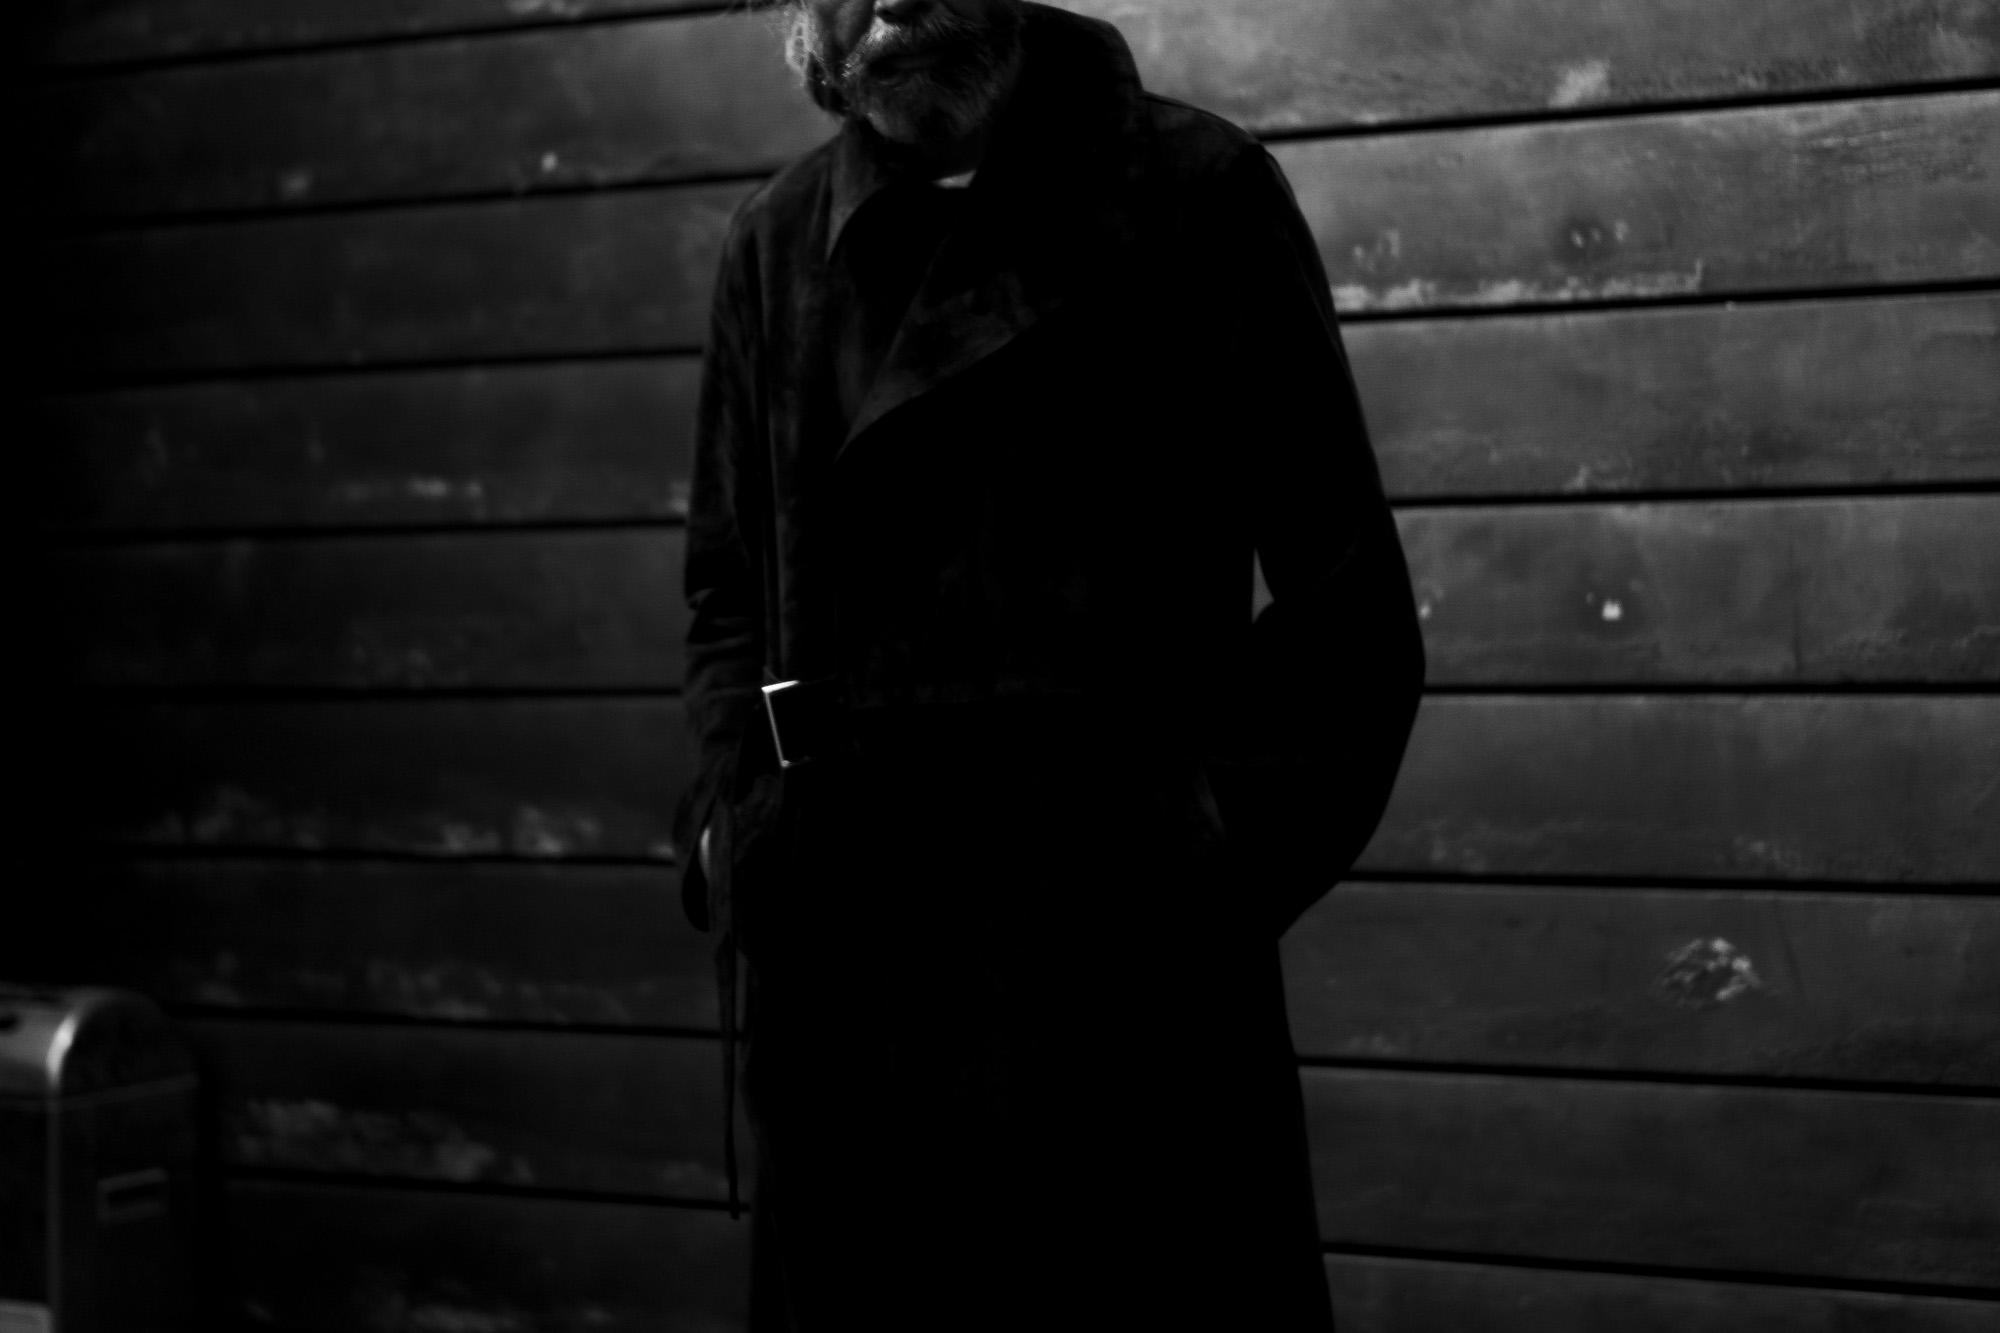 ISAMU KATAYAMA BACKLASH 1974-03 JAPAN CALF SUEDE LEATHER COAT BLACK 2022SS 【ご予約開始】レザーコート アロハシャツ パームツリー シャツ イサムカタヤマ バックラッシュ イタリーホースレザー S,M,L 木村拓屋 キムタク レザーパンツ 愛知 名古屋 Alto e Diritto altoediritto アルトエデリット 片山勇 209,000円